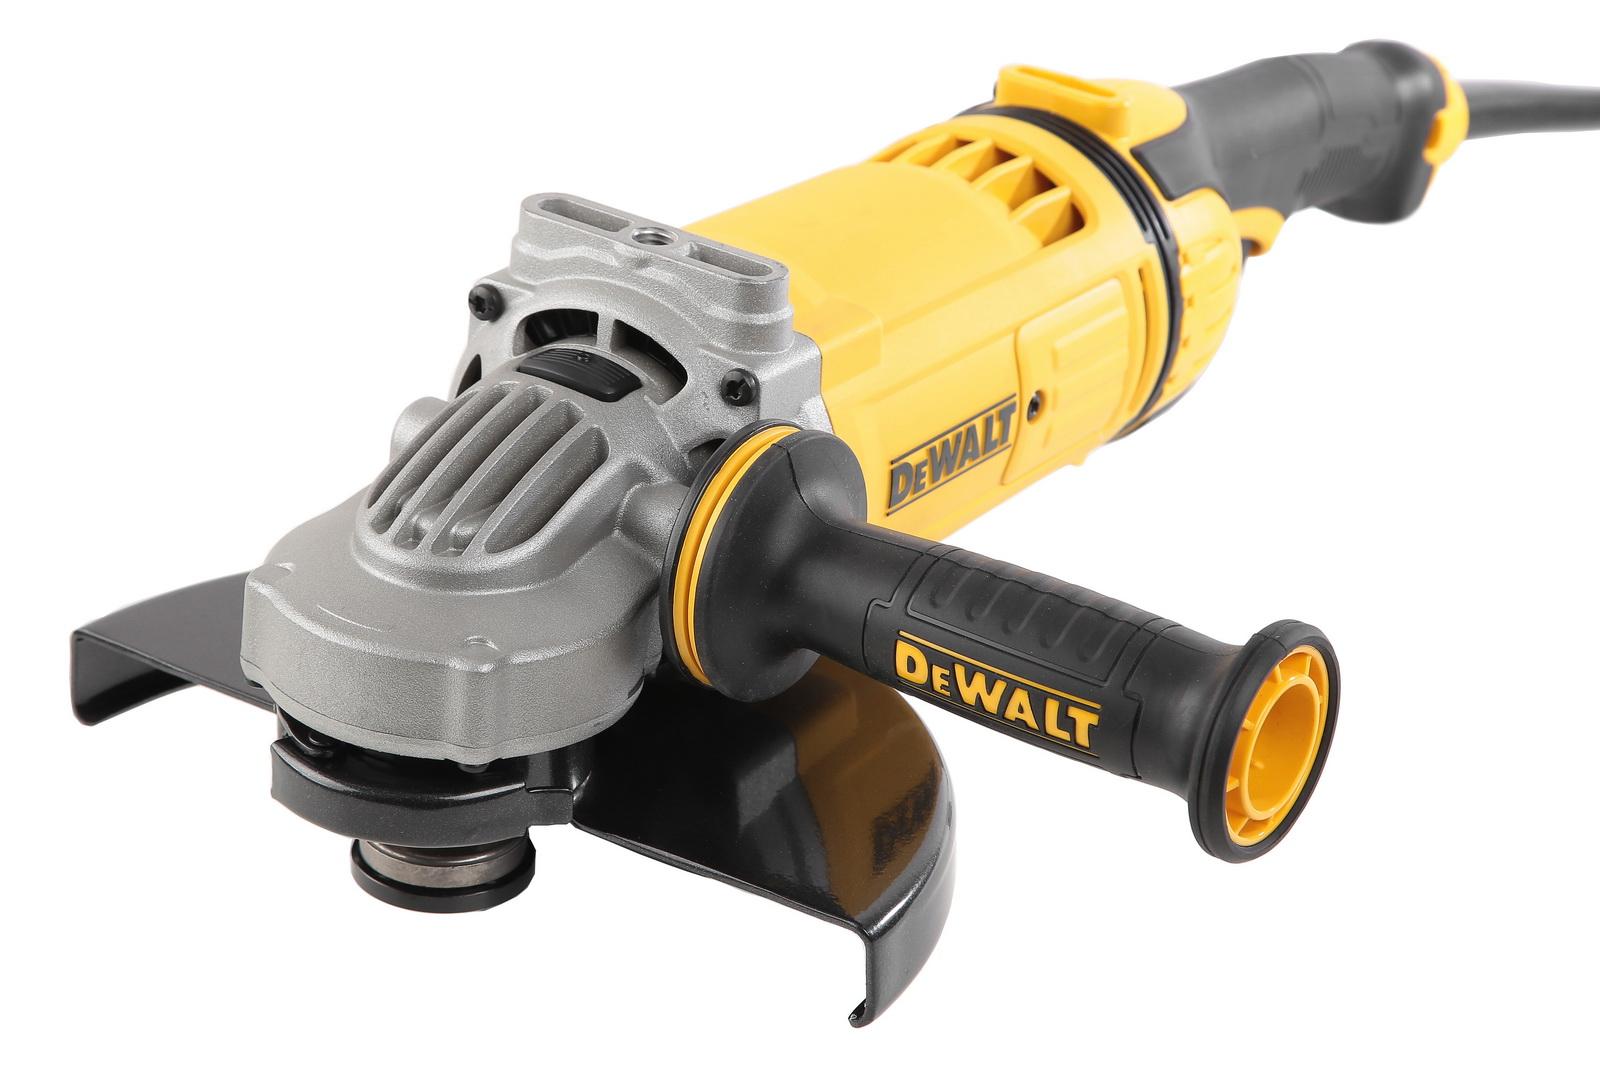 цена на УШМ (болгарка) Dewalt Dwe4559